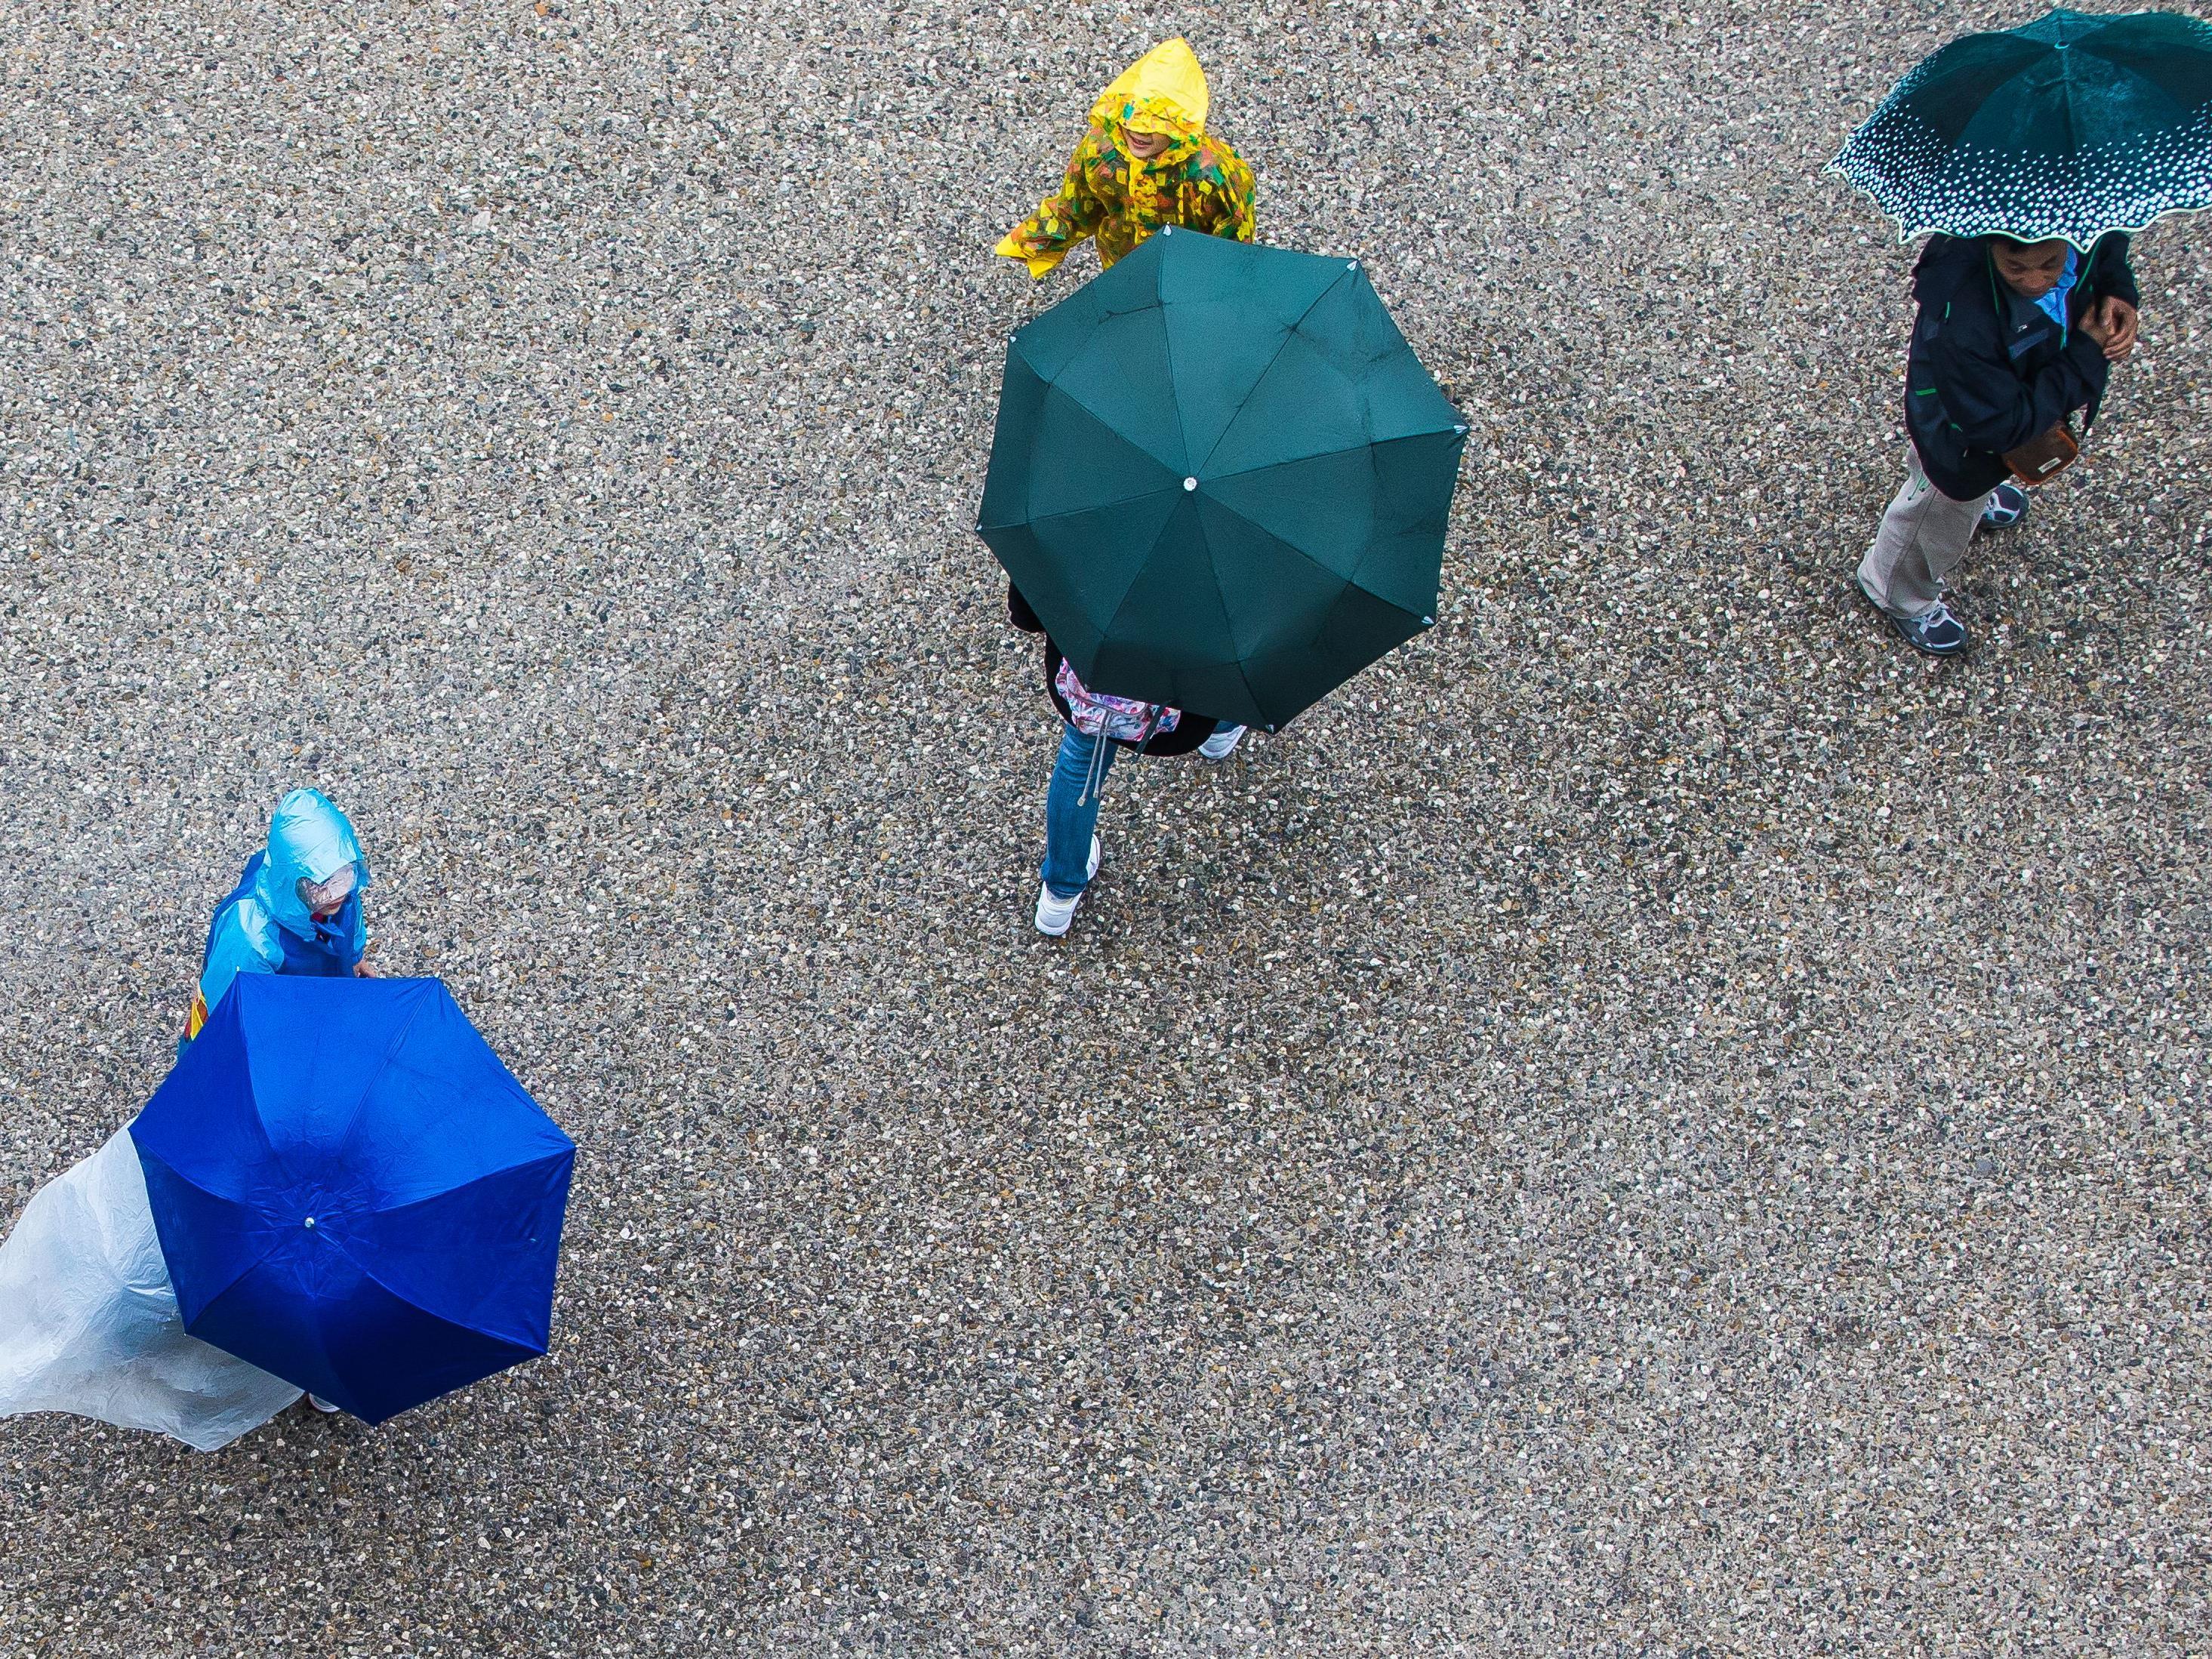 Noch ist der Regenschirm wichtigstes Accesoire in Vorarlberg. Gegen Nachmittag kann er aber nach un nach zu gemacht werden.